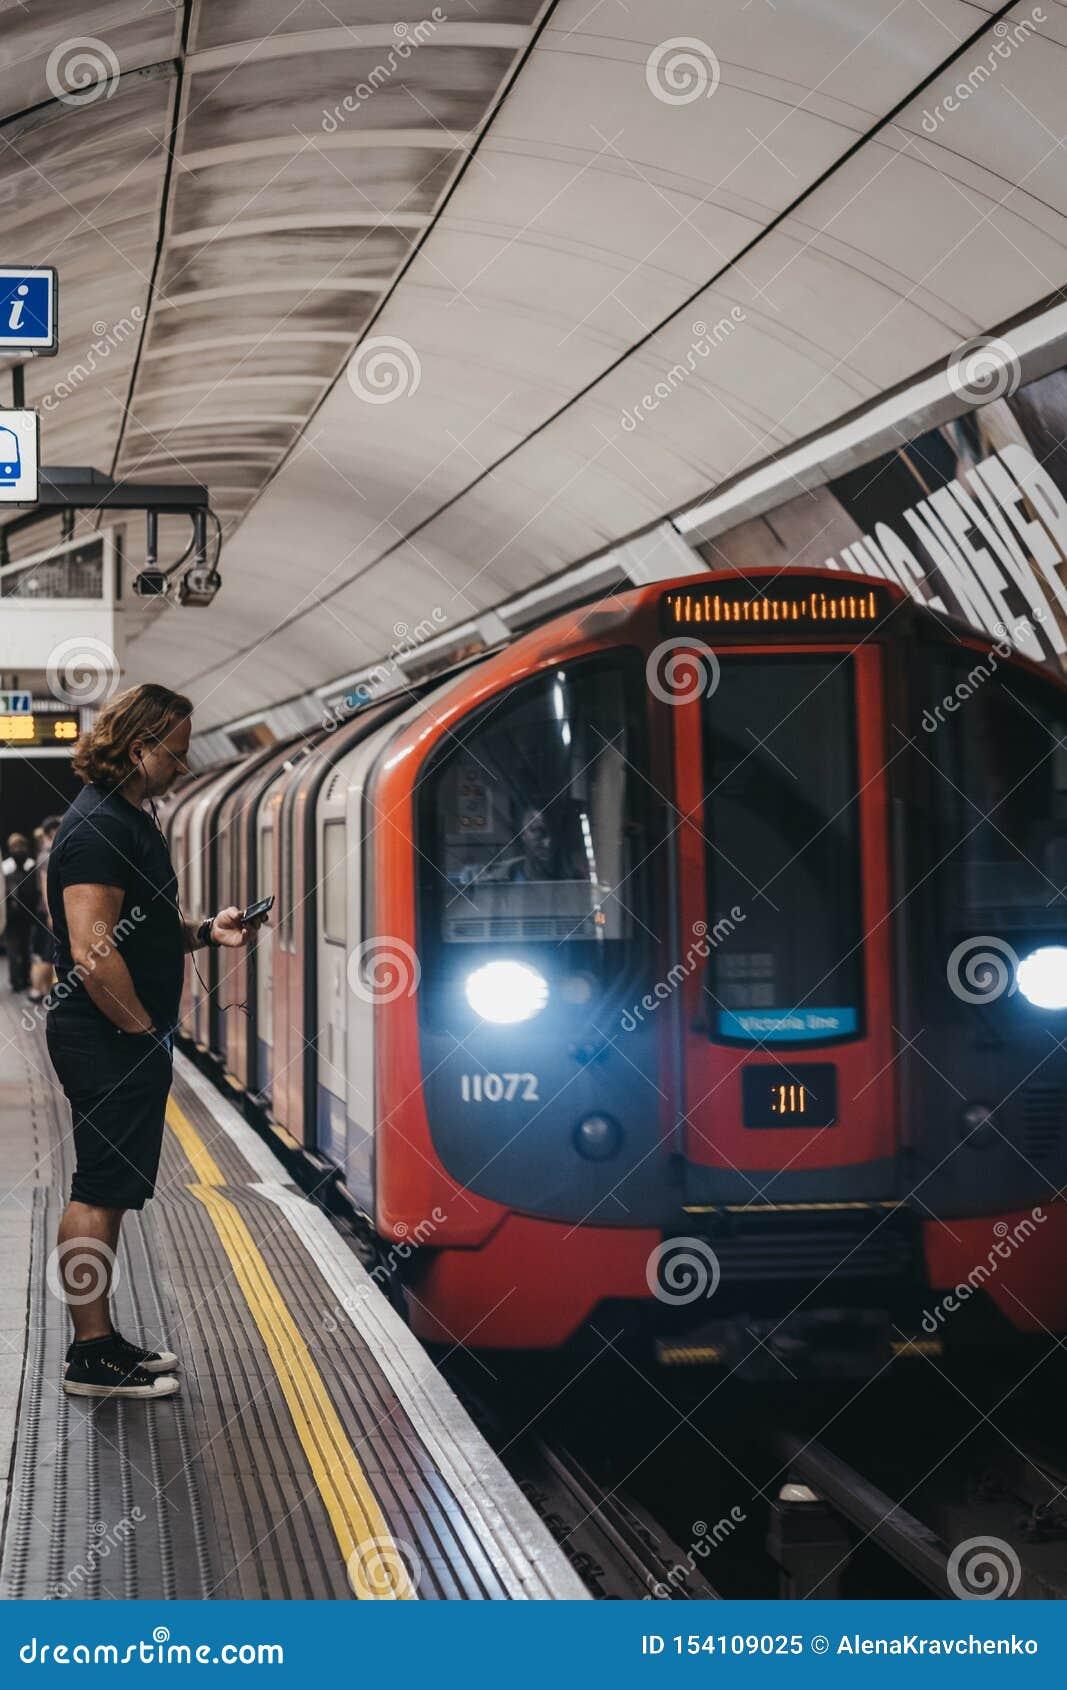 Hombre Parado En Una Plataforma De La Estación Del Metro De Londres Usando Su Teléfono Tren Pasando Por Ahí Movimiento Borroso Imagen Editorial Imagen De Ahí Teléfono 154109025